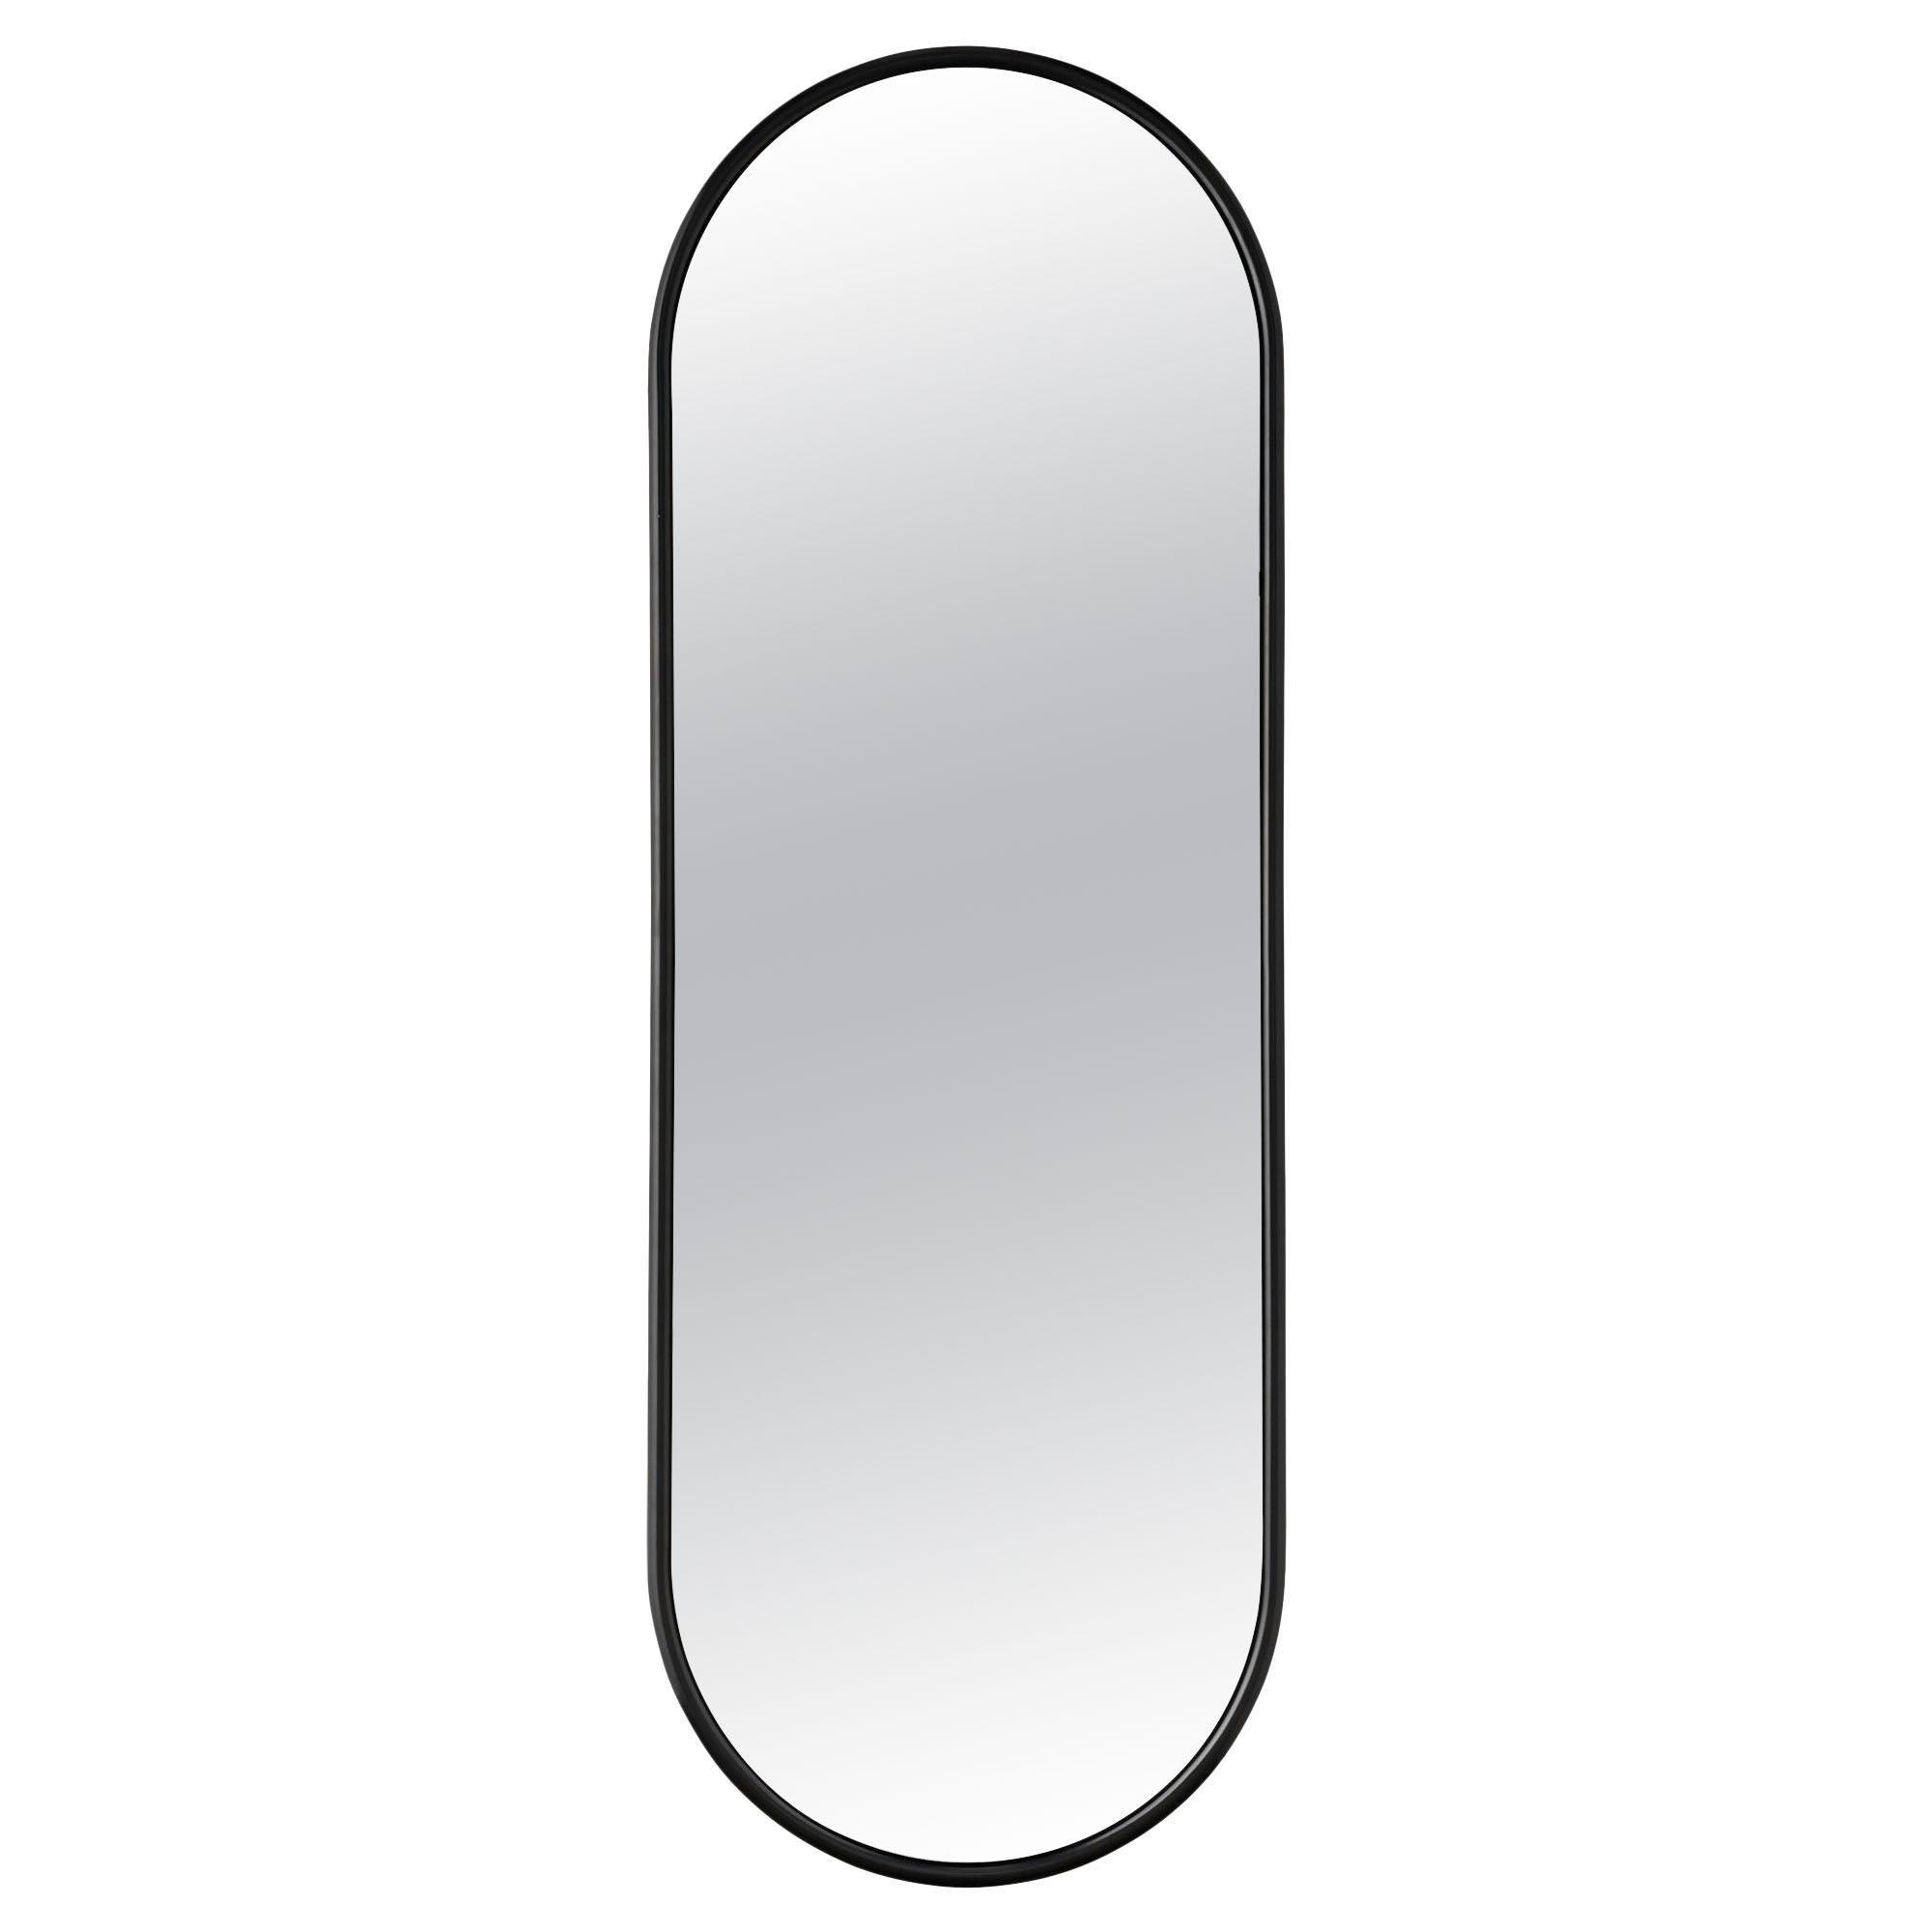 Angui Black Wardrobe Mirror